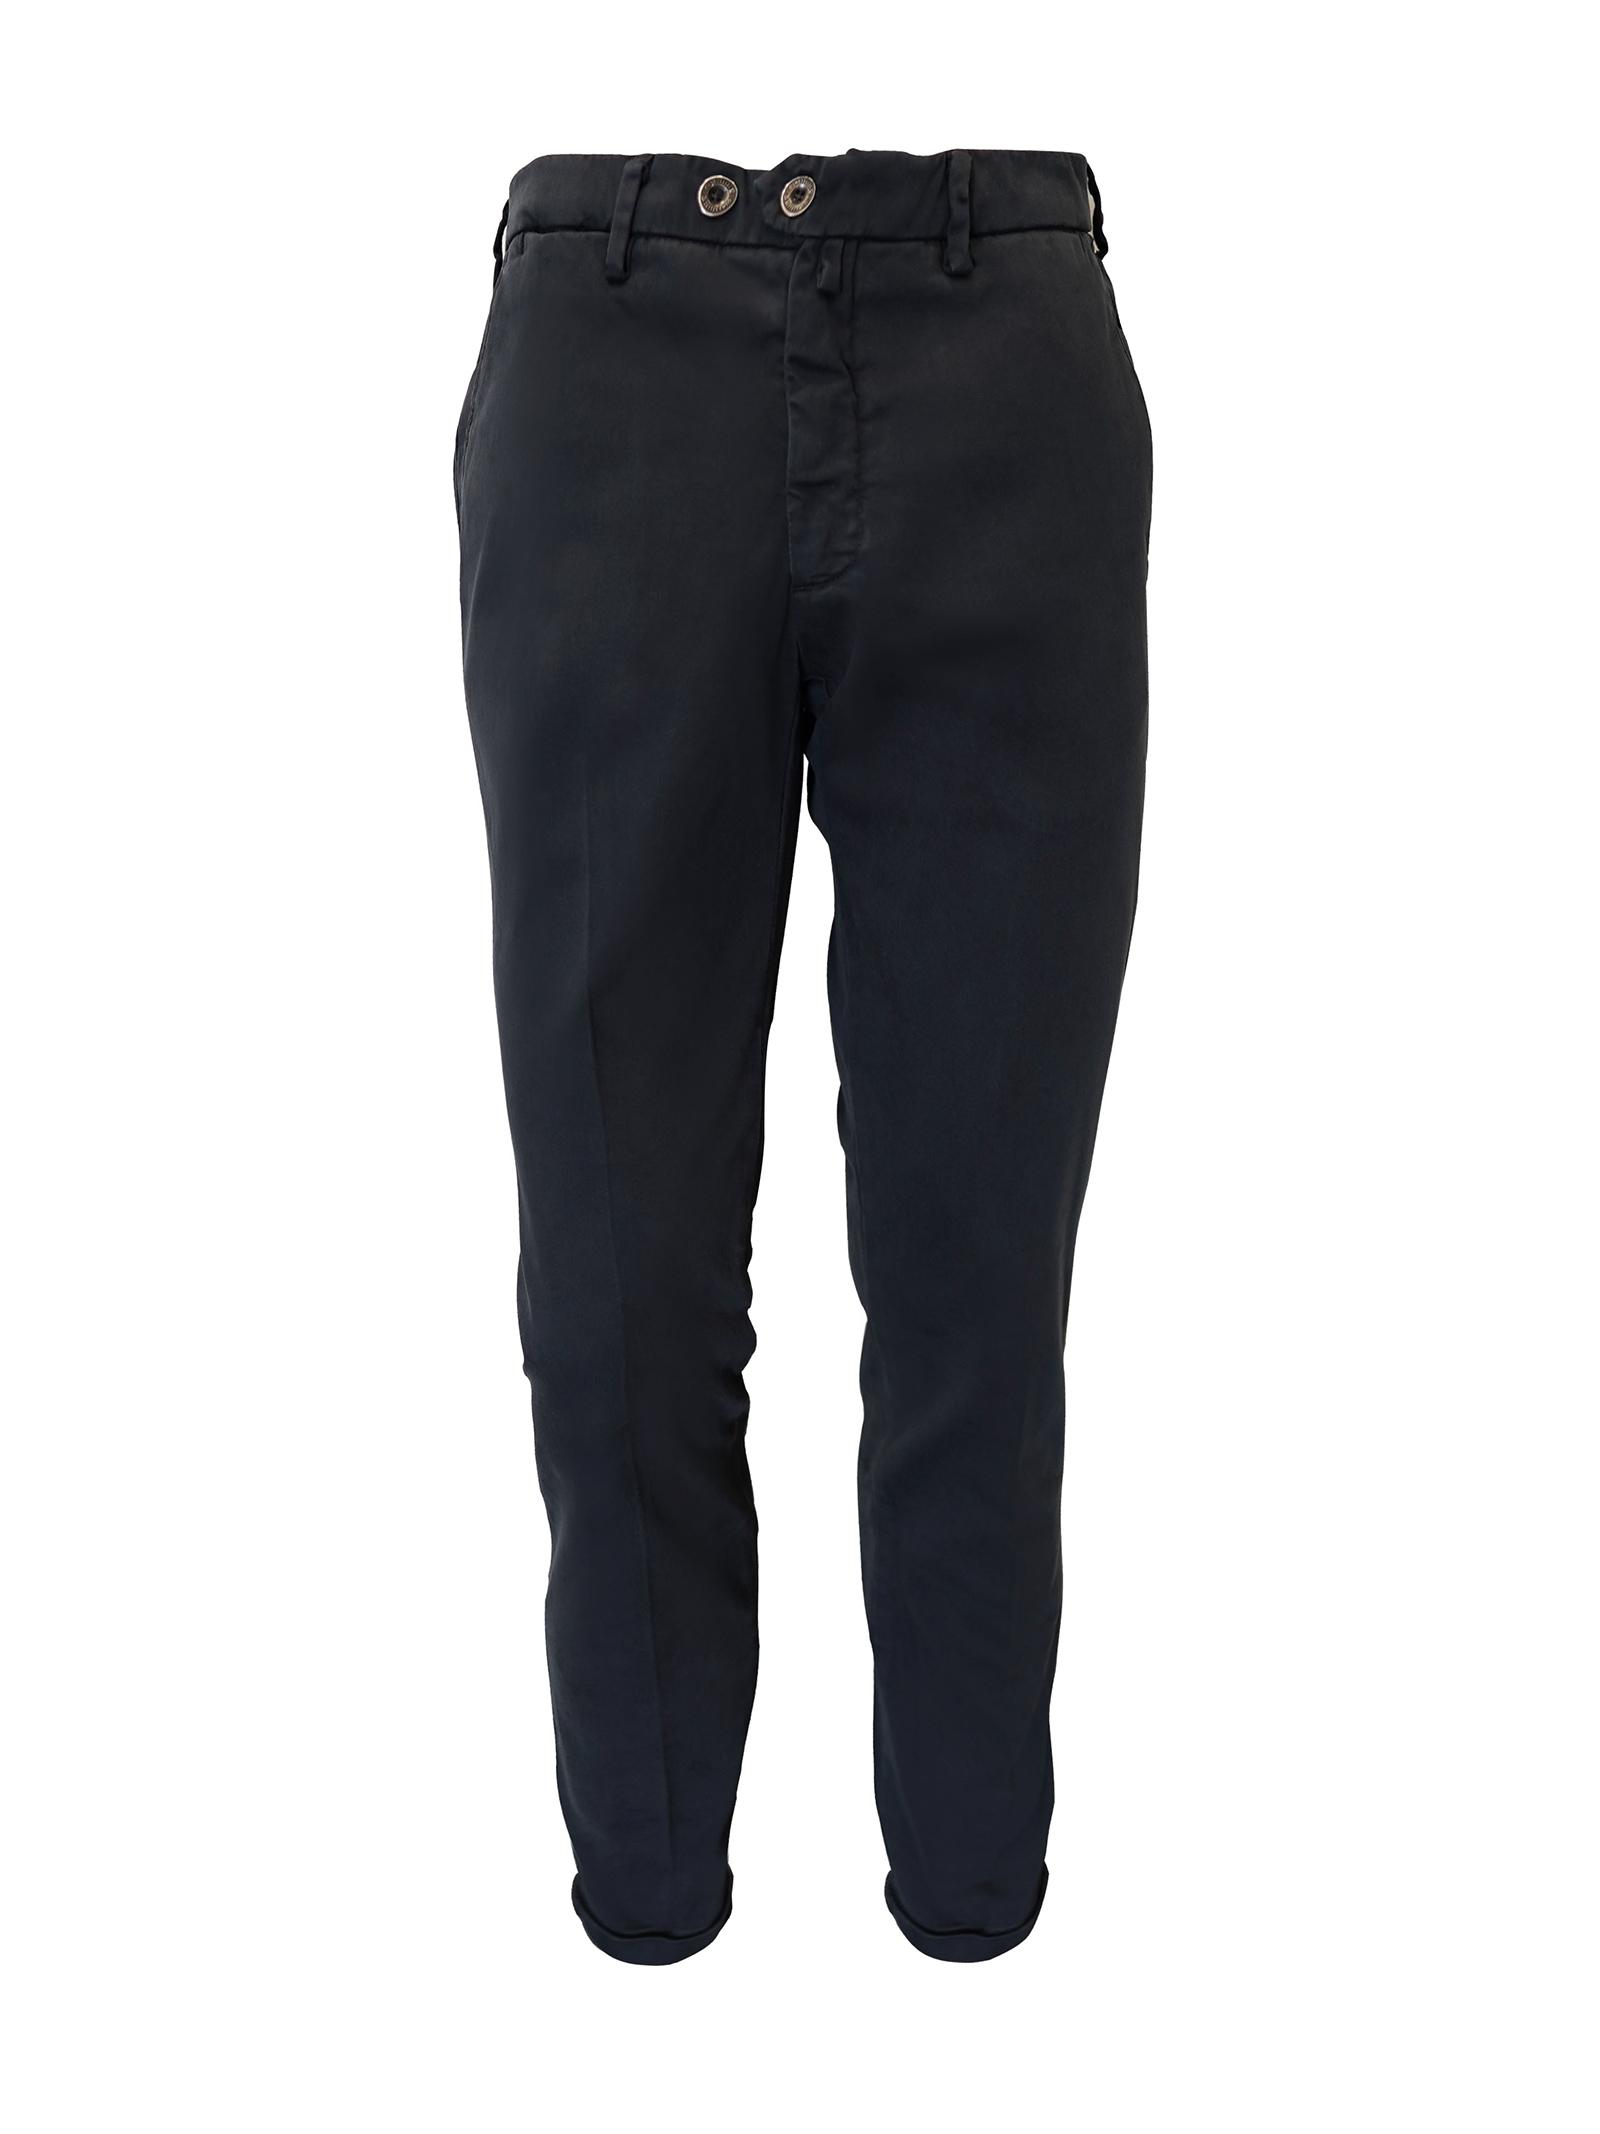 B700   Pantaloni   PT741 246076